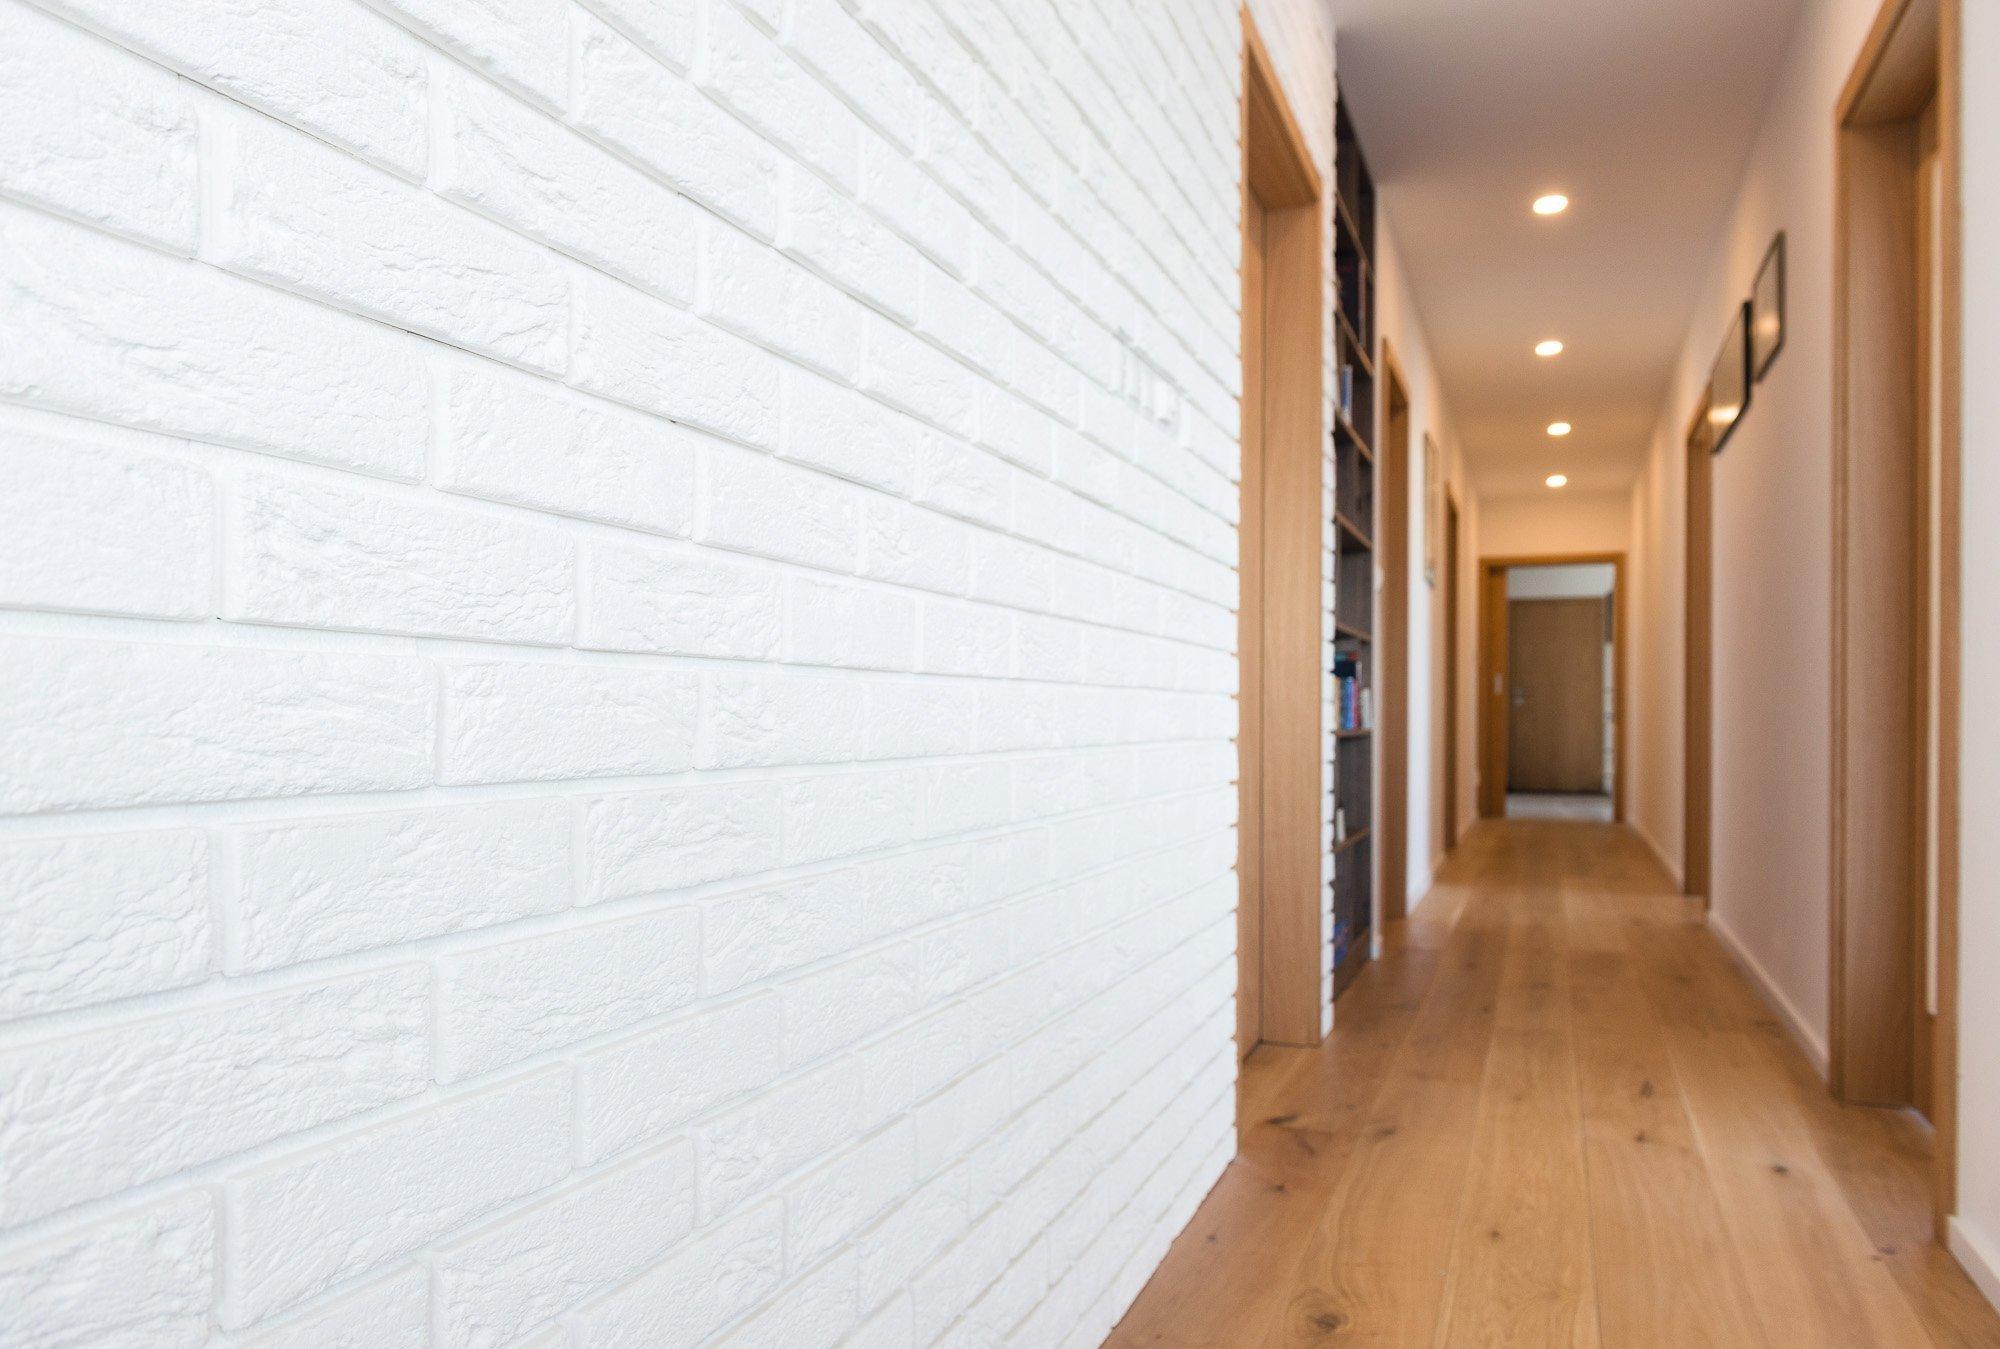 Zľahka industriálny interiér rodinného domu v Novej Dedinke pre mladú rodinu s vášňou pre drevo. Na projekte s nami spolupracoval architekt Ing. arch. Marcel…